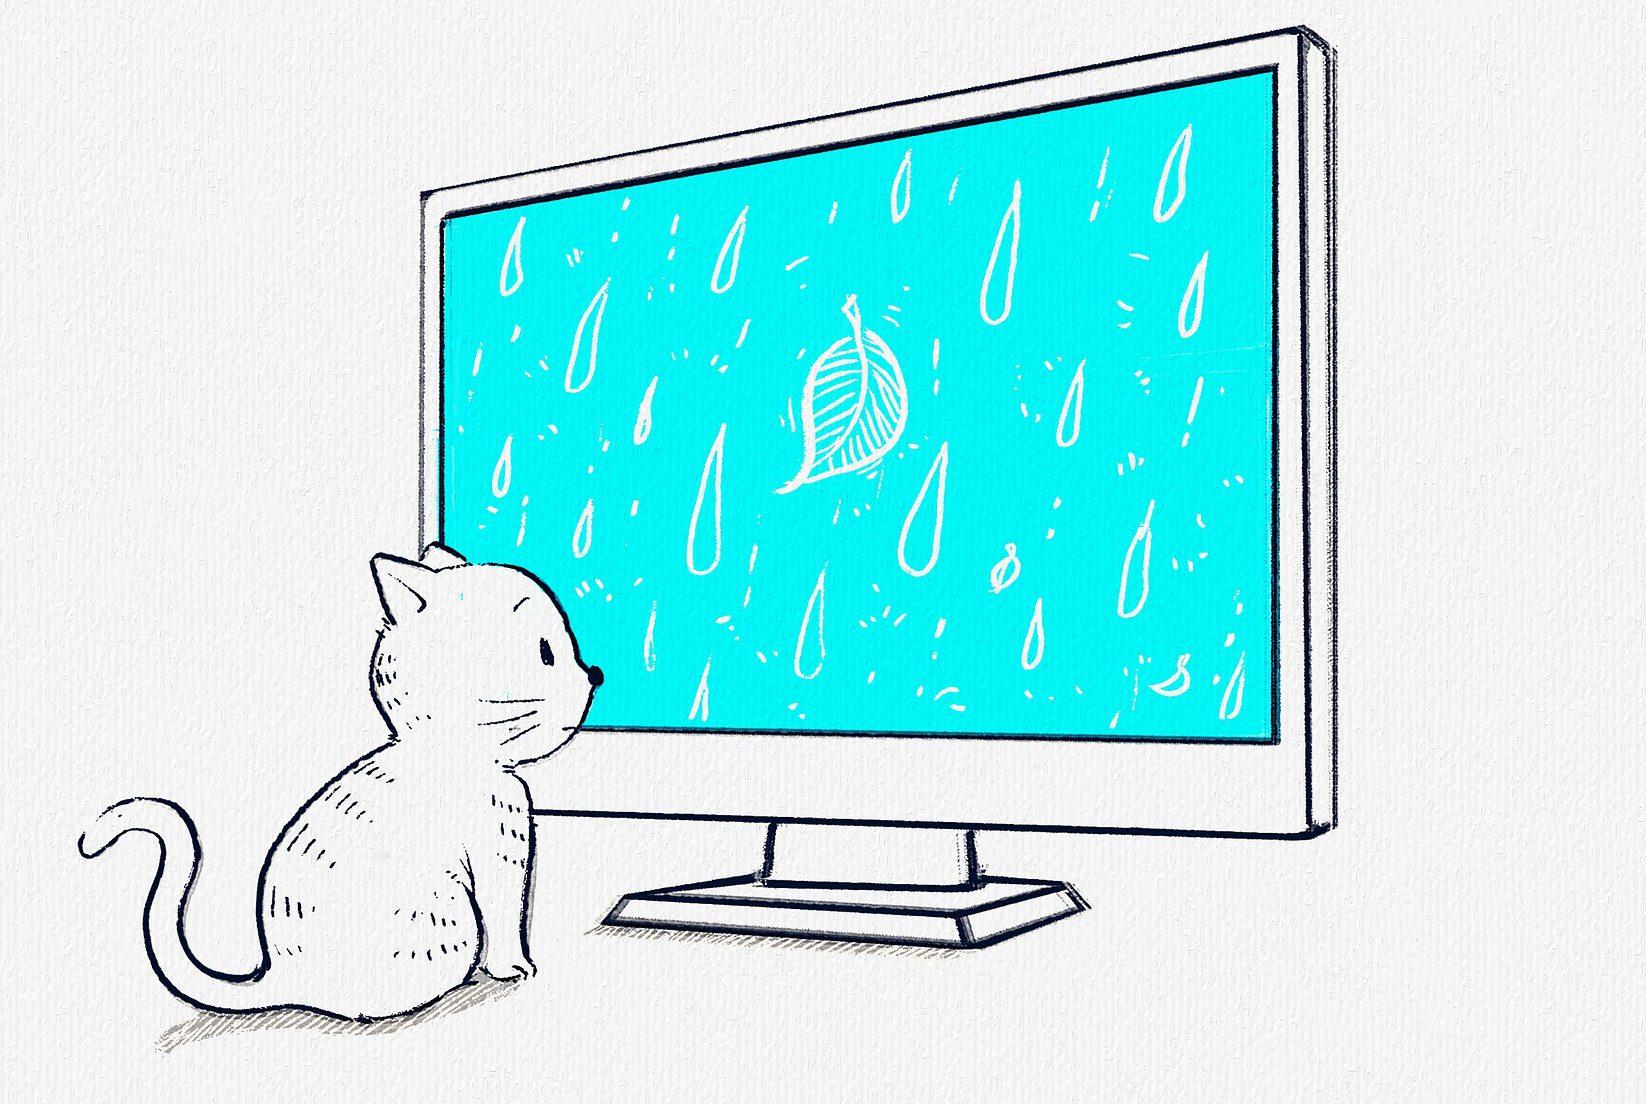 고양이 티비